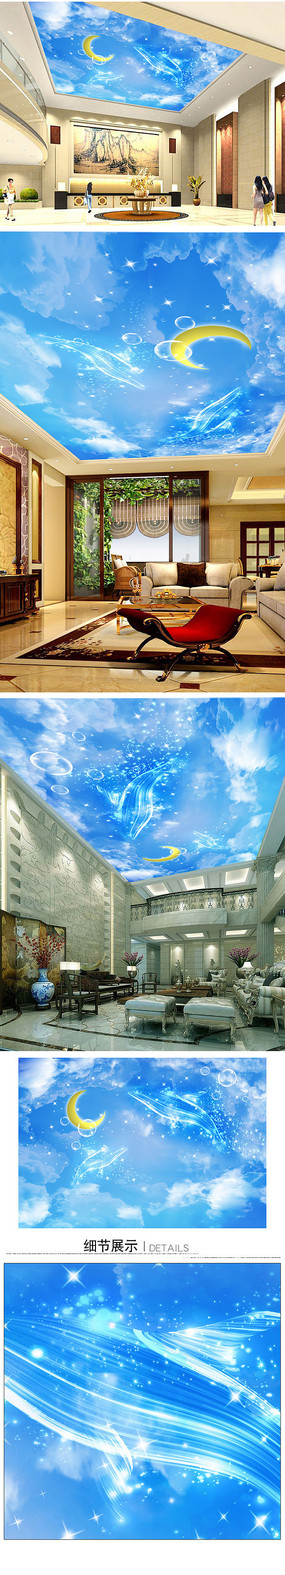 蓝天白云天空天花吊顶背景墙